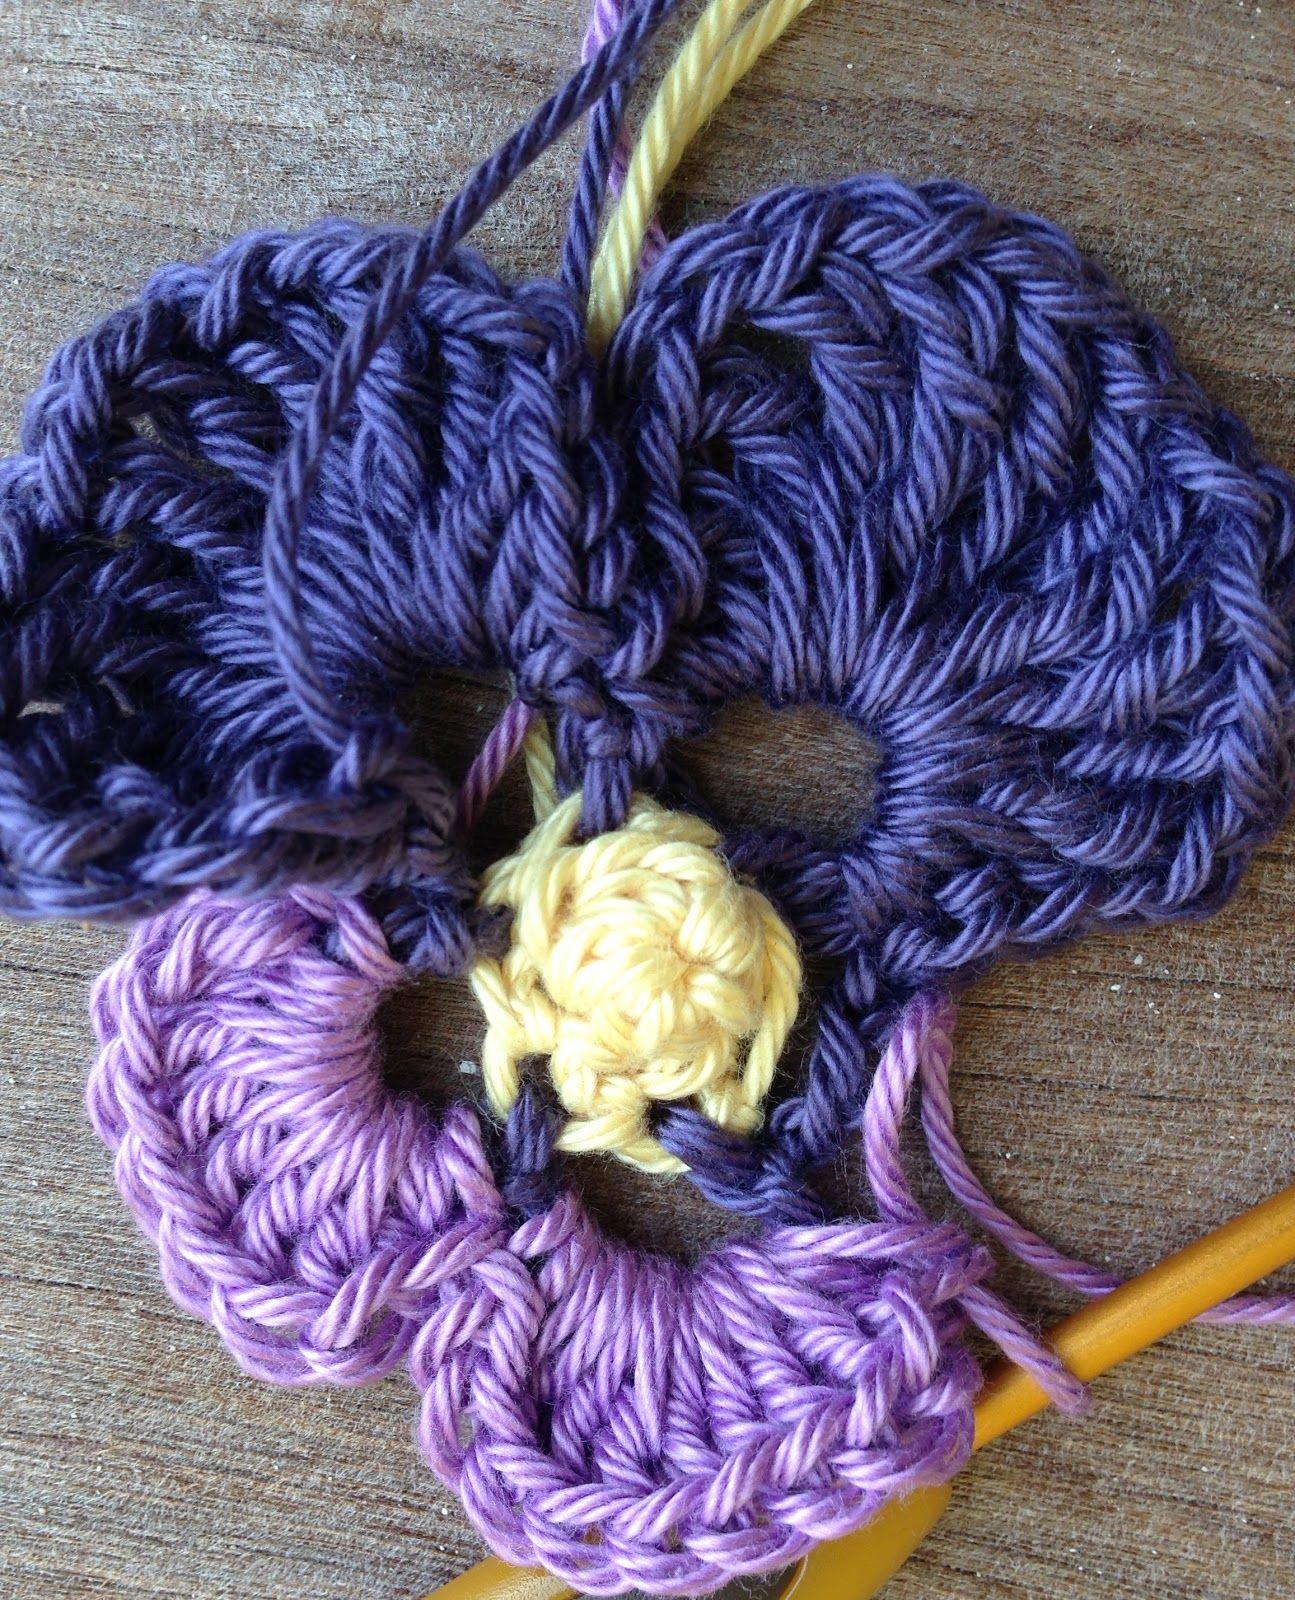 Hermosa Patrón De Crochet Pansy Elaboración - Ideas de Patrones de ...